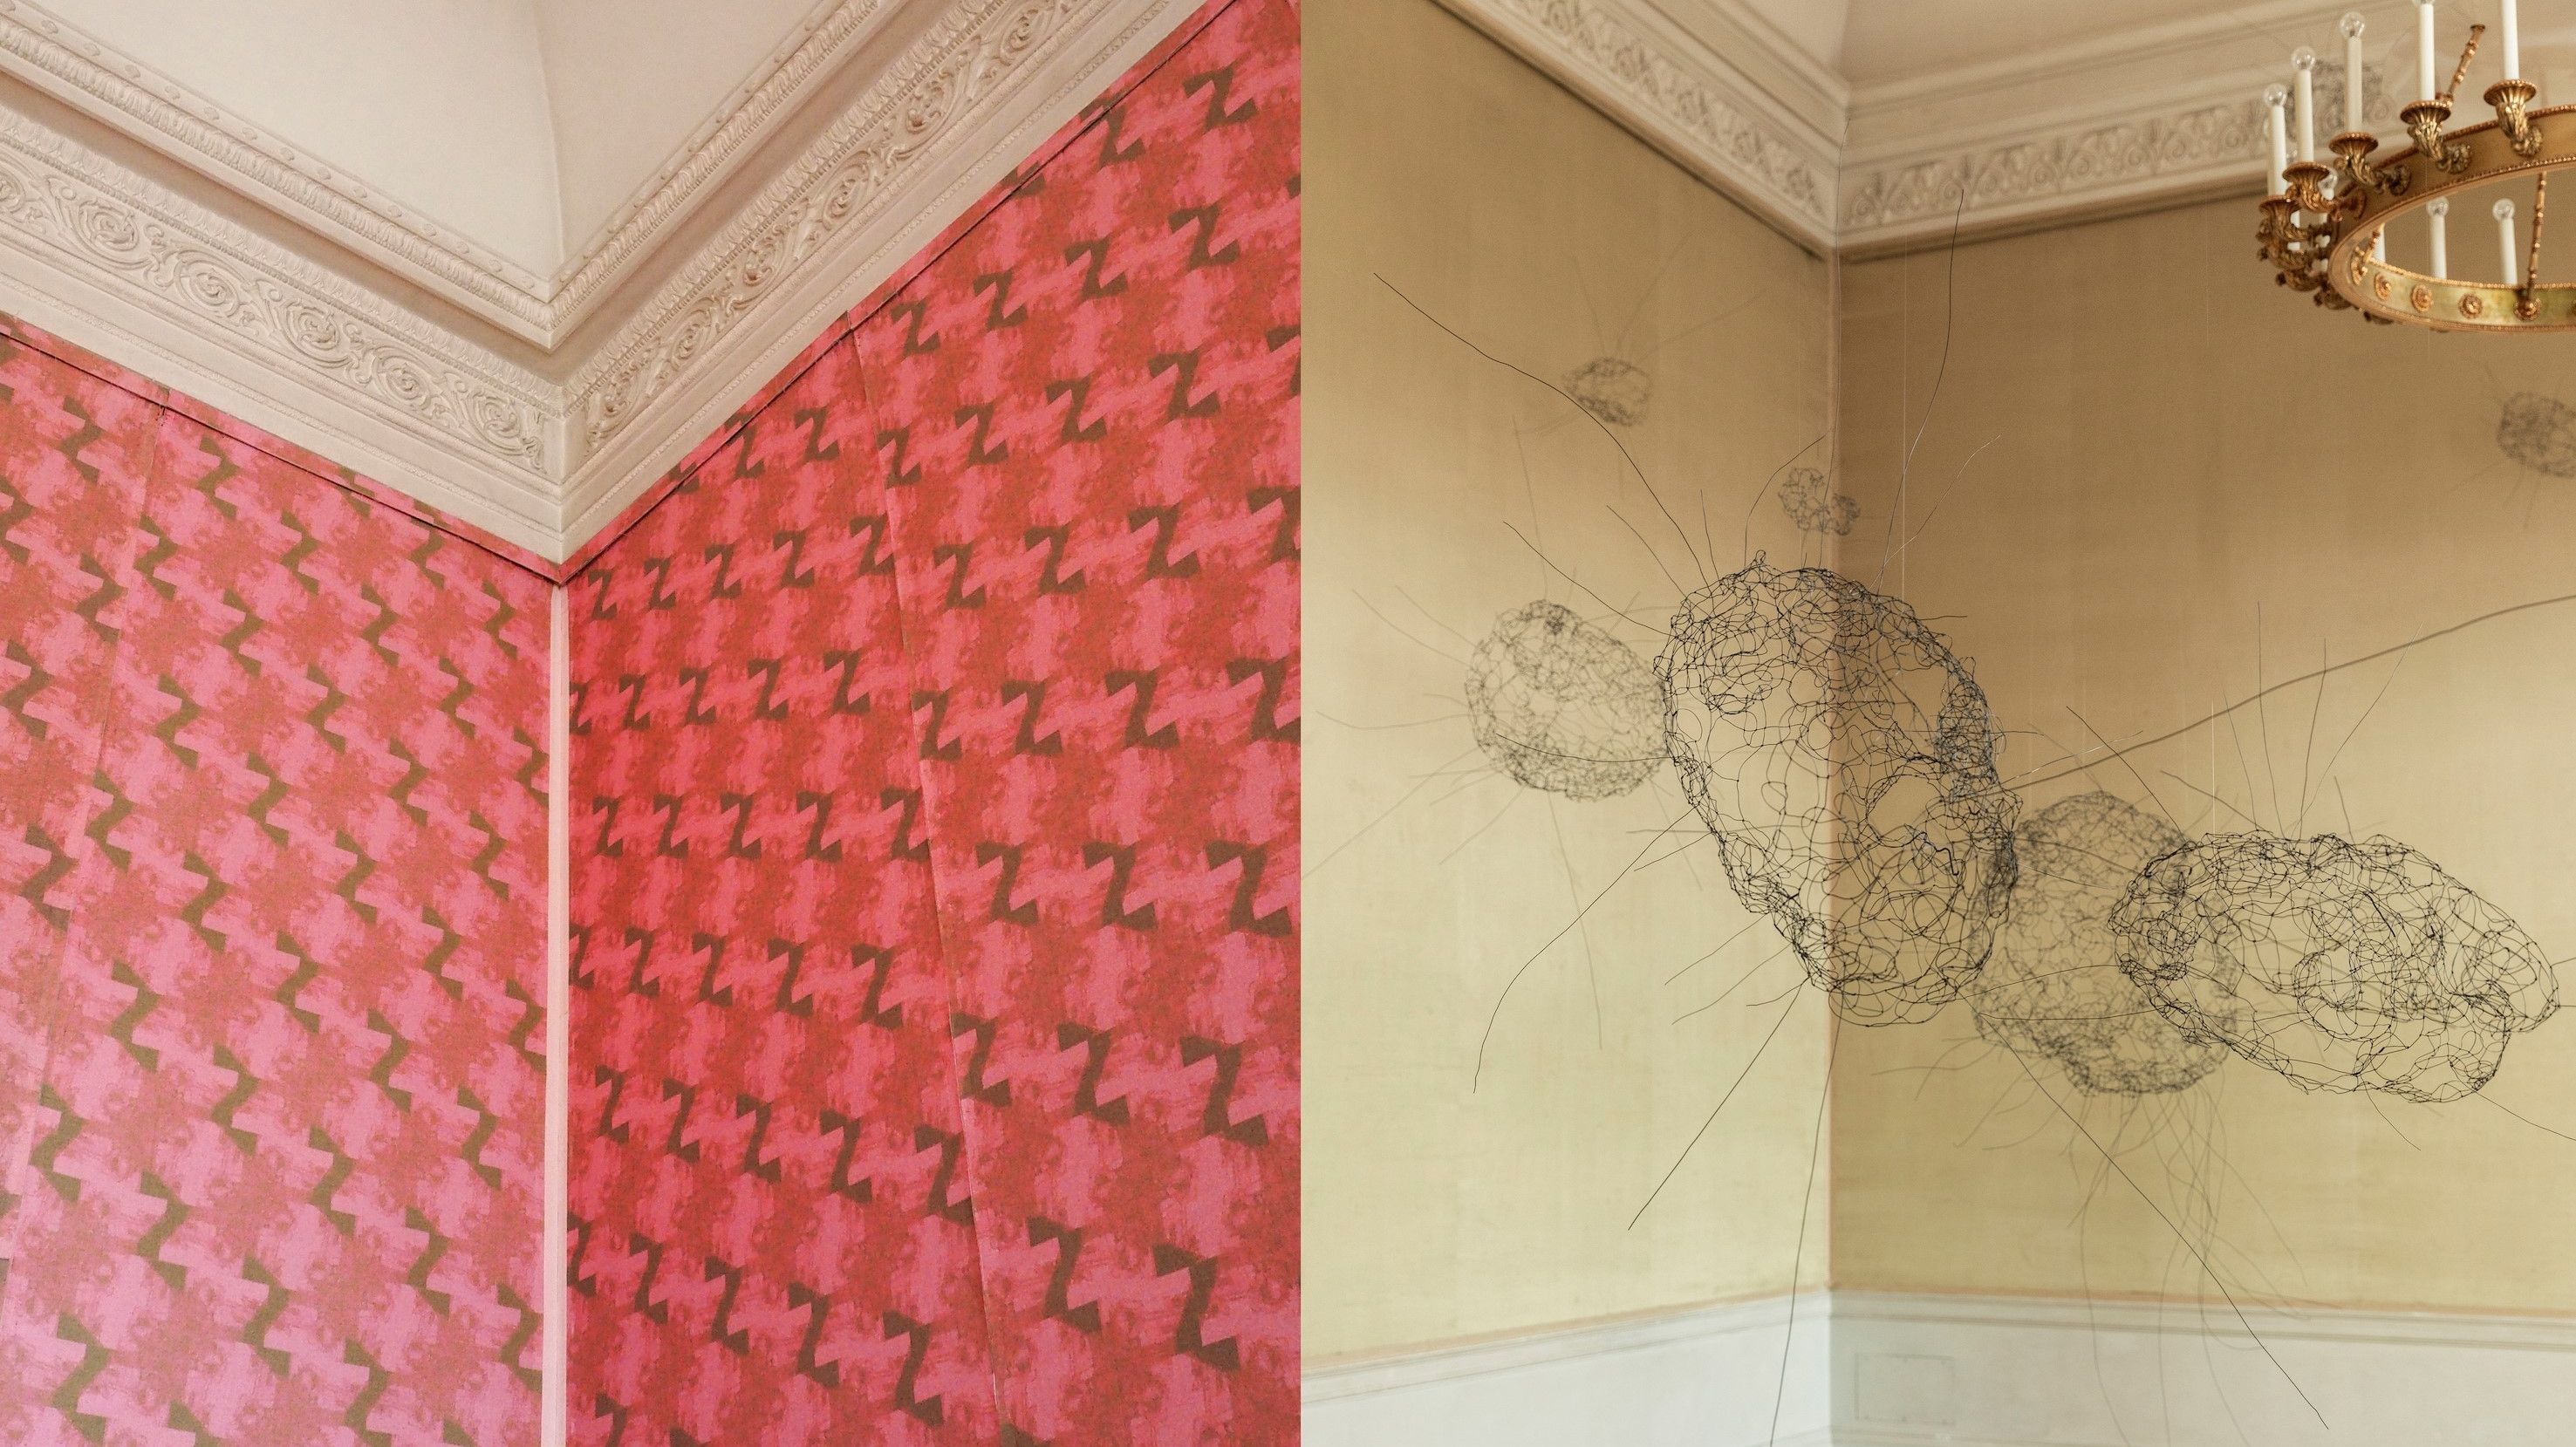 Arbeiten der Künstlerinnen Brigitte Schwacke (rechts) und Katharina Gaenssler (links)